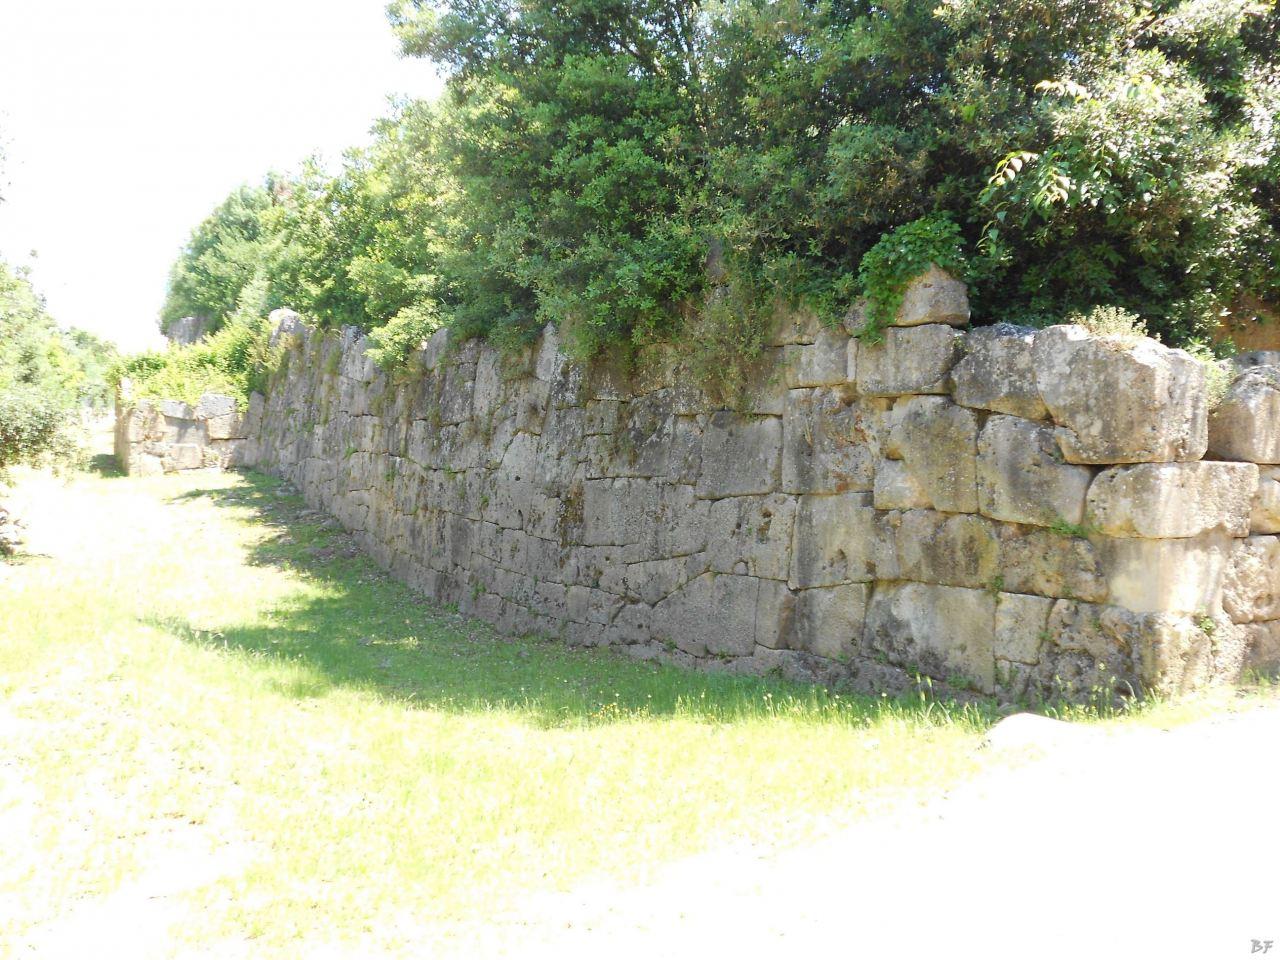 Cosa-Mura-Megalitiche-Ansedonia-Grosseto-Toscana-Italia-14